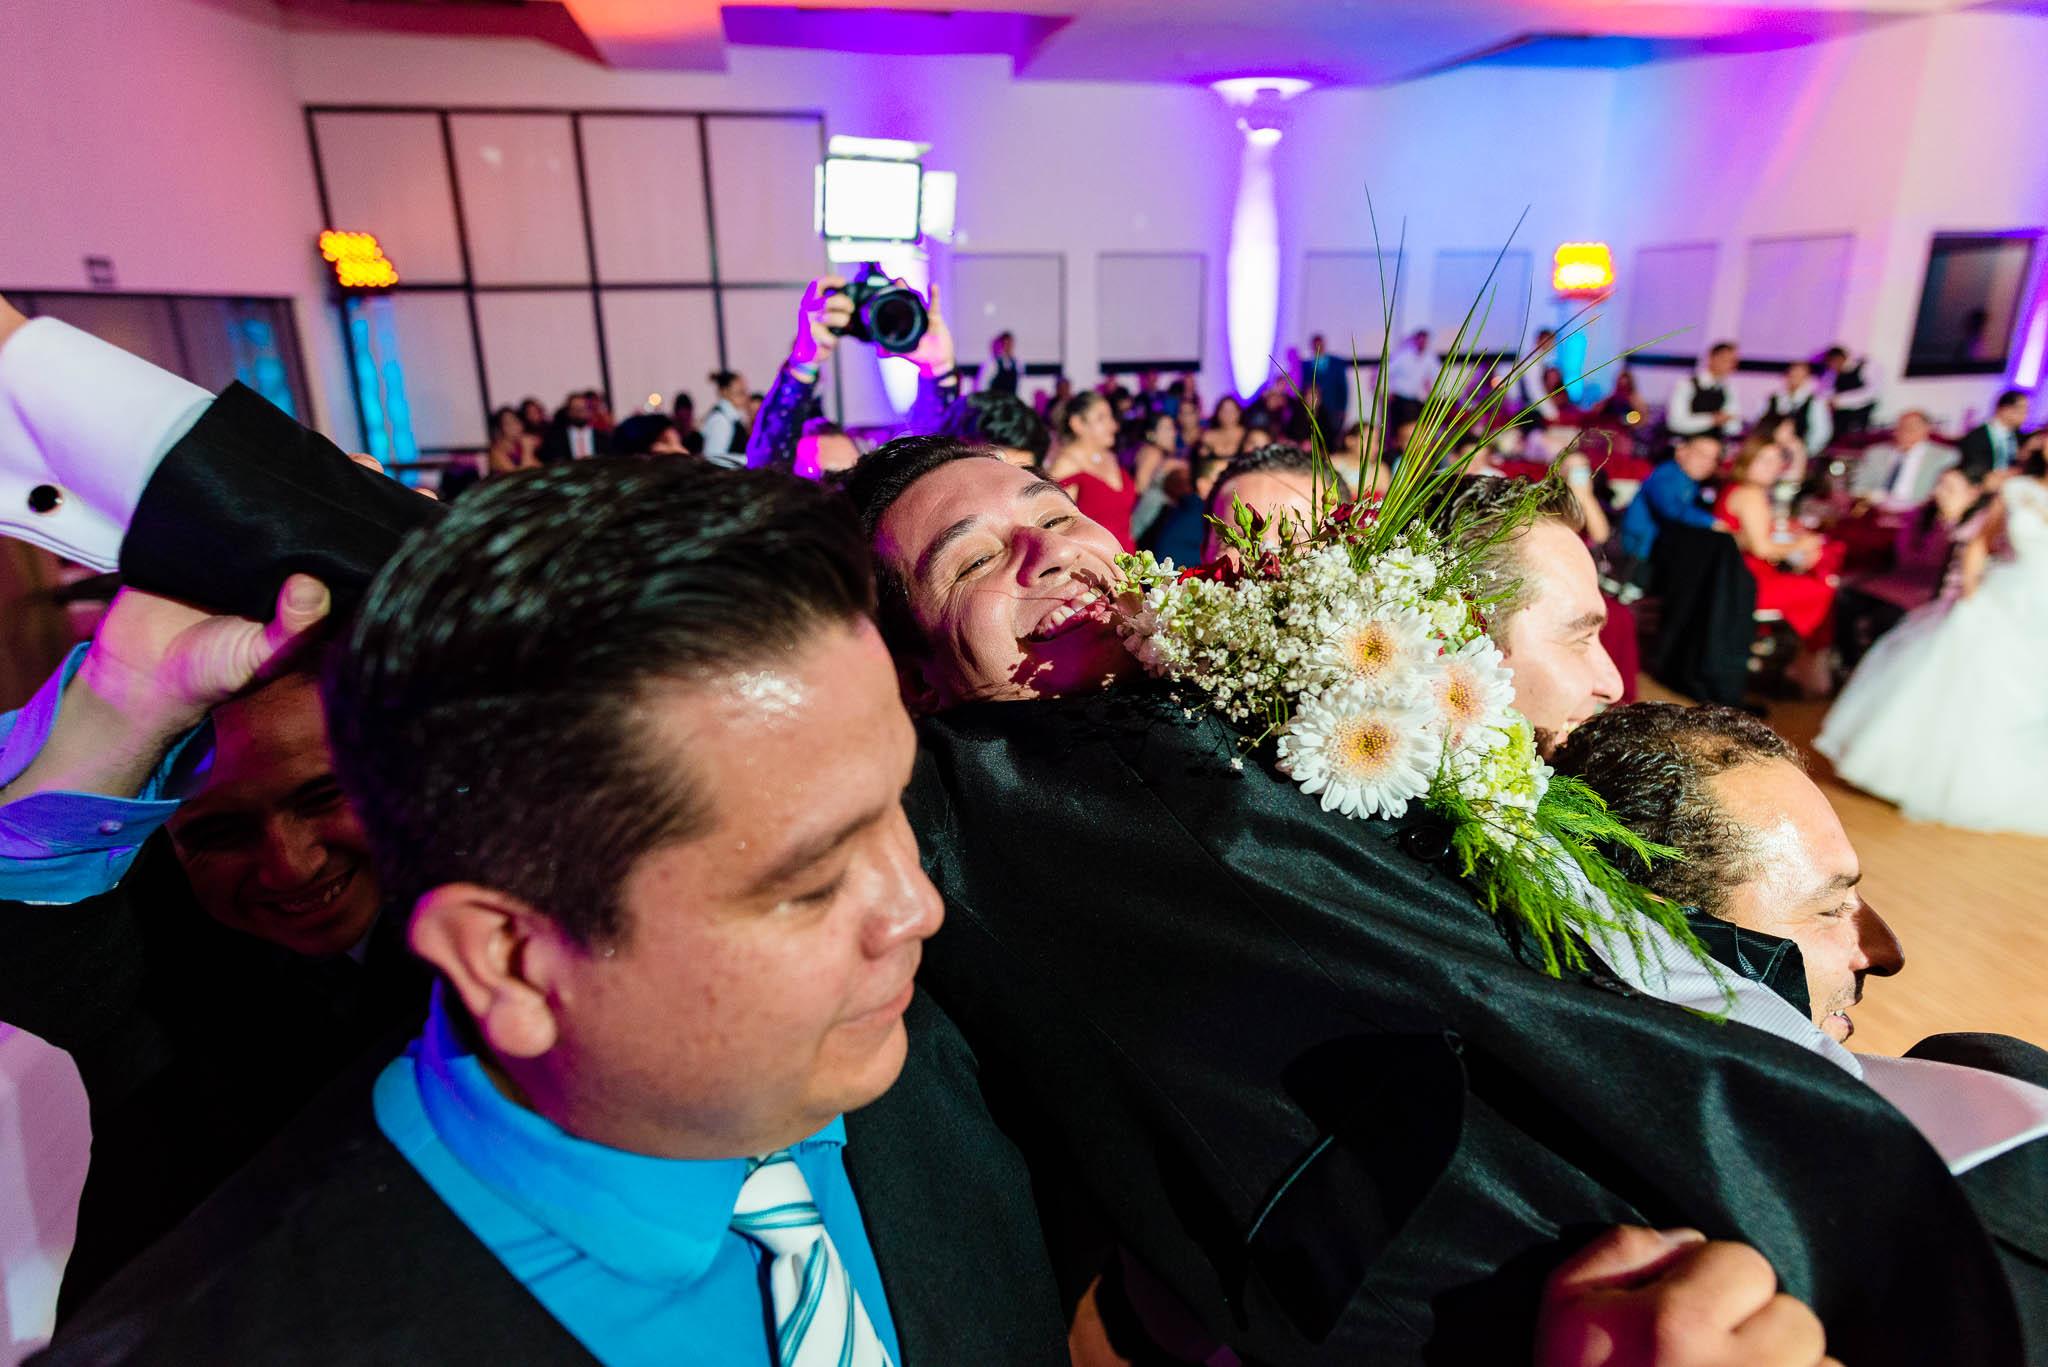 fotografo de bodas san luis potosi boda mexico wedding destination fotos de boda 253